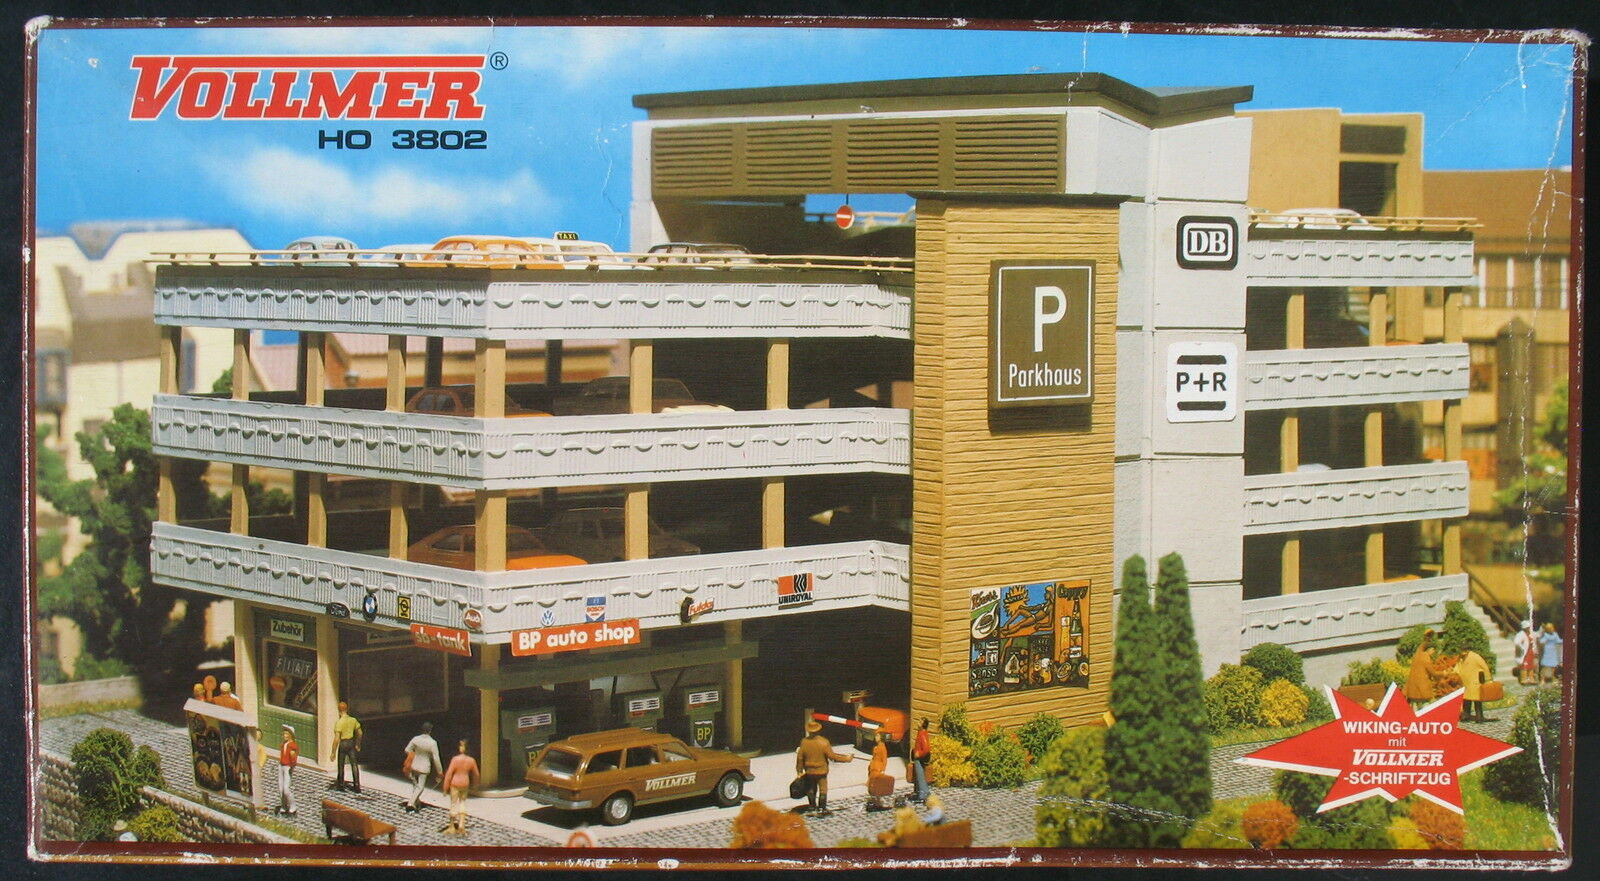 VOLLMER 3802 3802 3802 - City Parkhaus mit WIKING Auto - H0 - Eisenbahn Modellbausatz Kit  | New Listing  809899